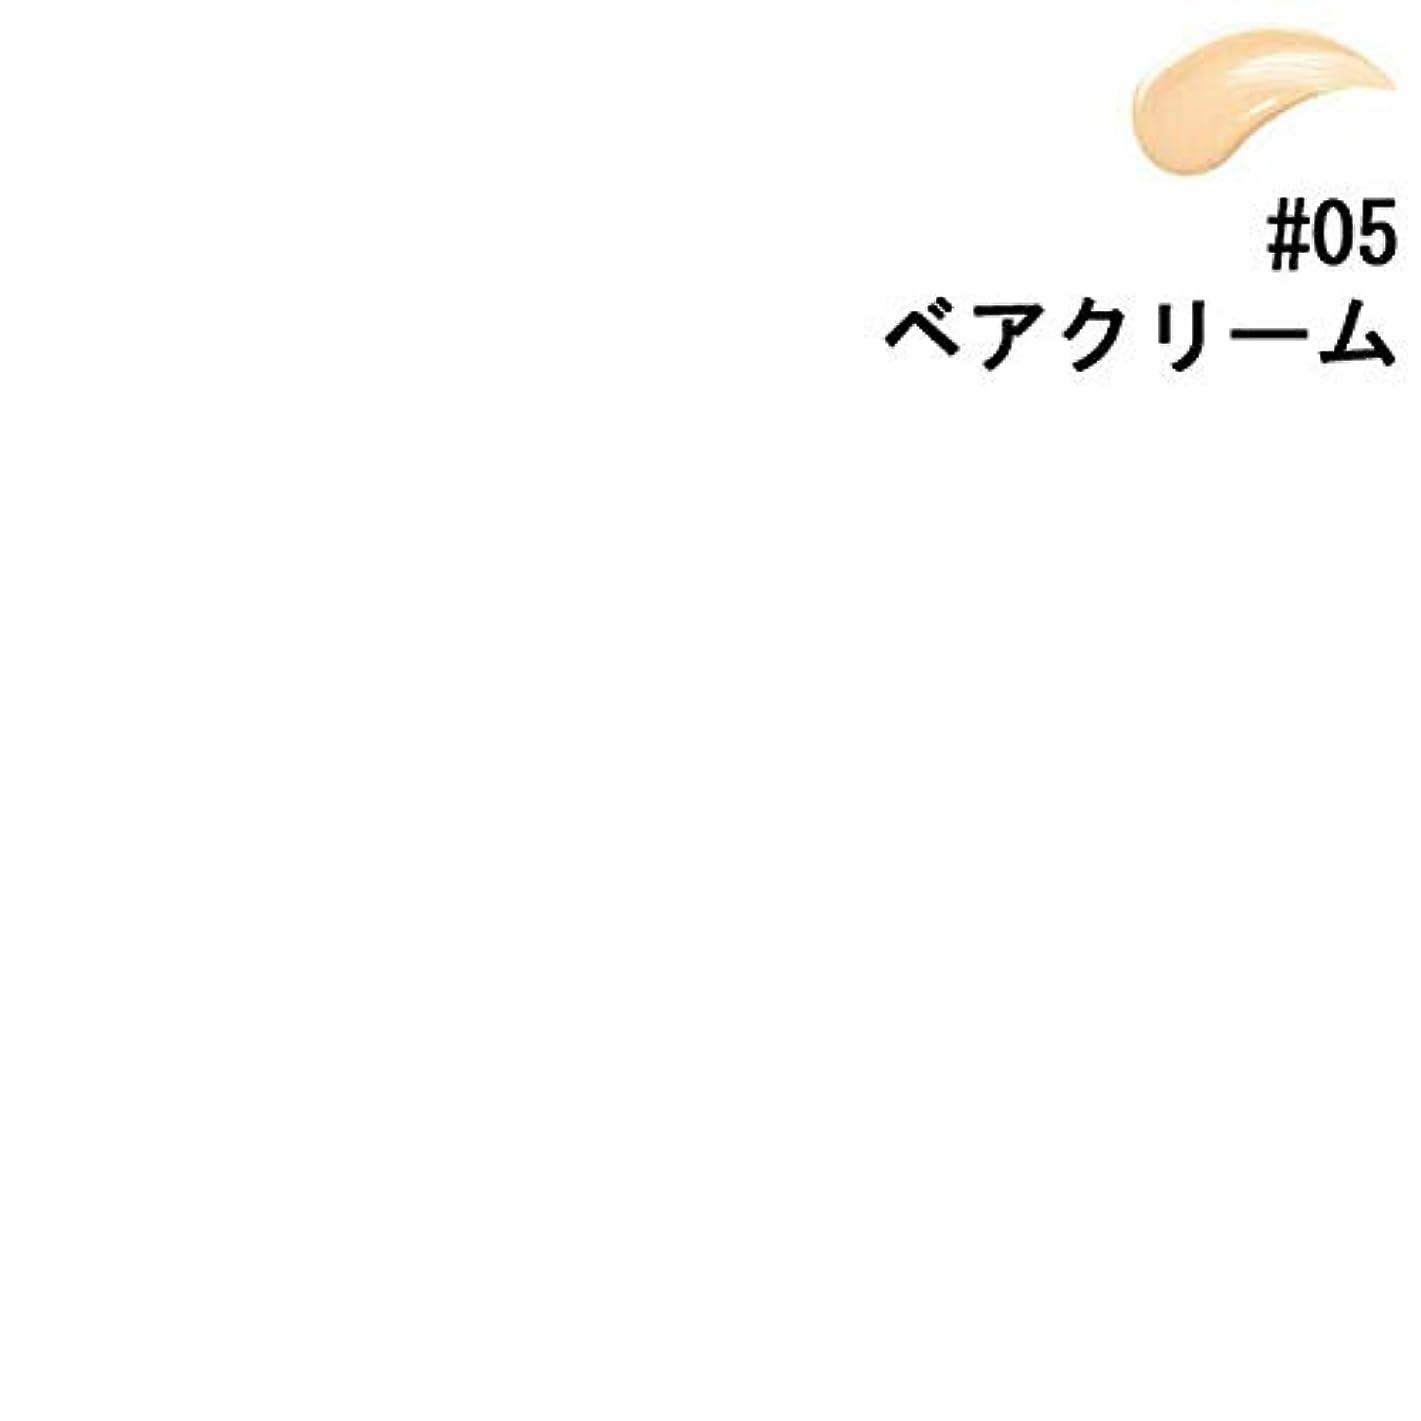 穏やかな打たれたトラックタール【ベアミネラル】ベアミネラル ベア ファンデーション #05 ベアクリーム 30ml [並行輸入品]